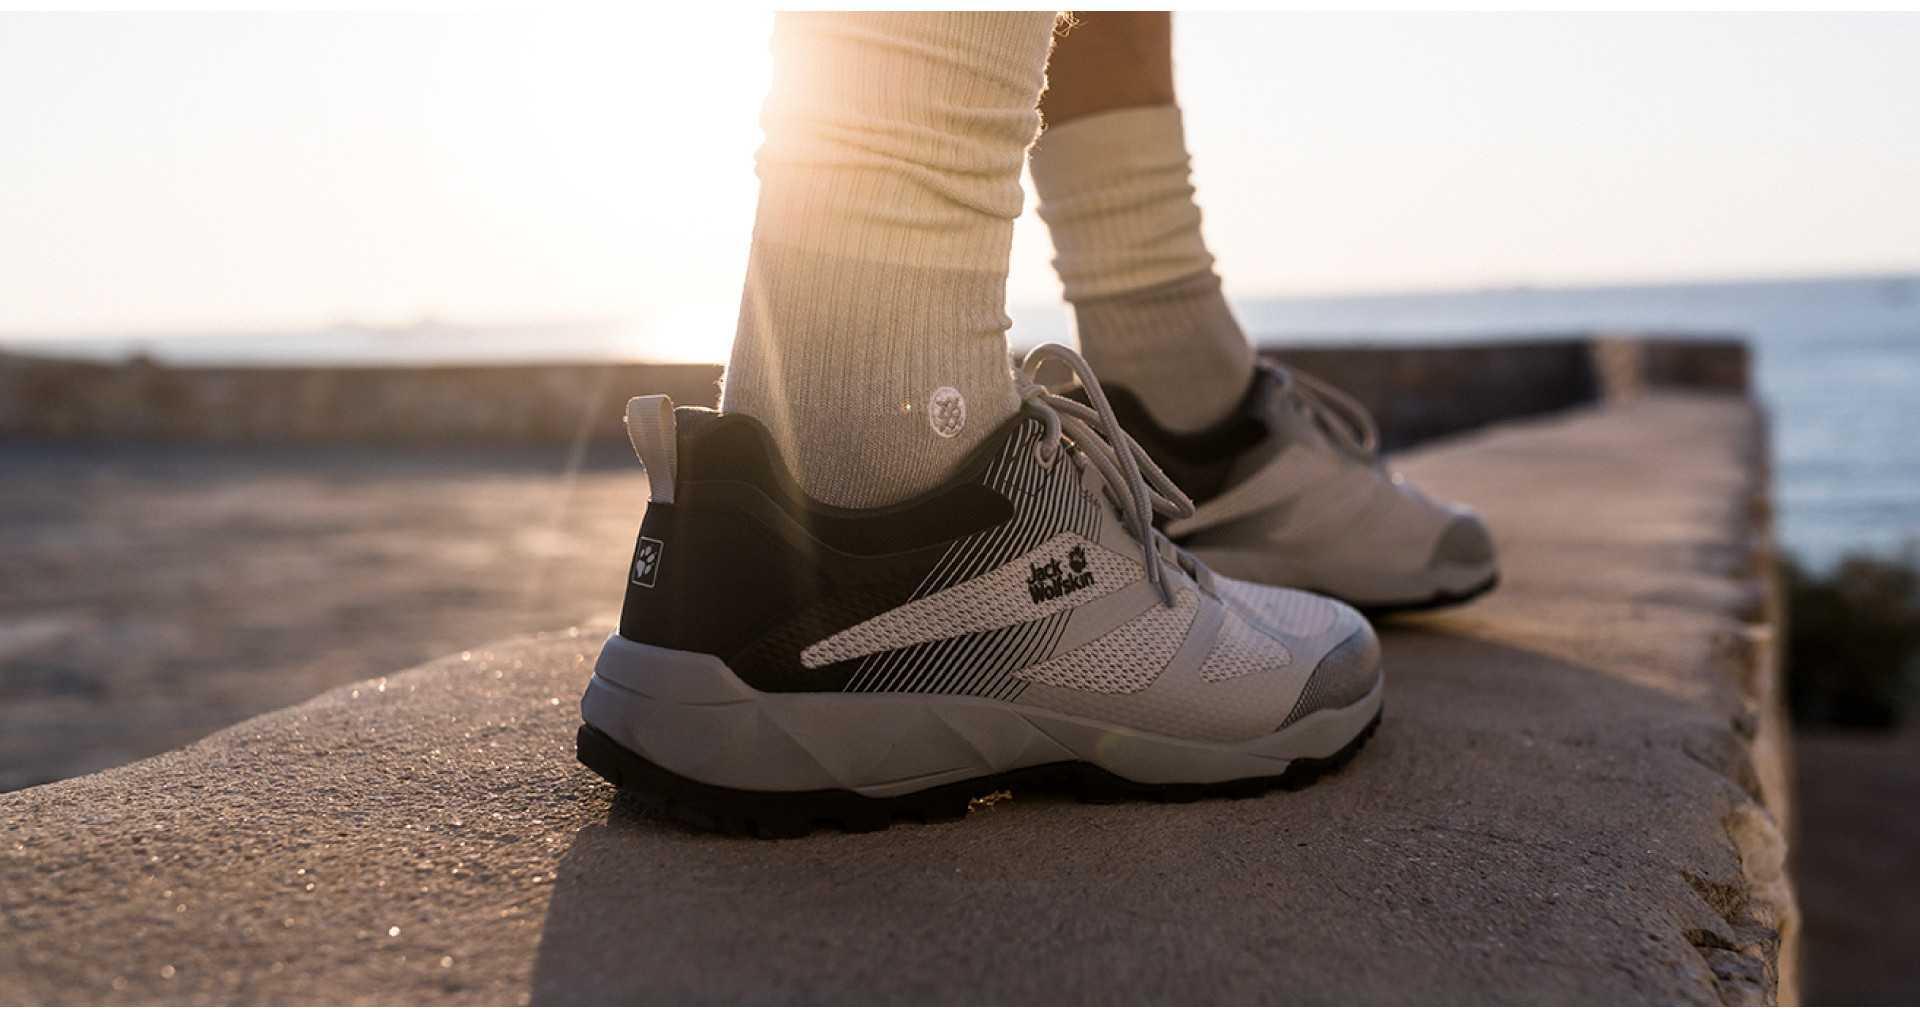 Lengvo pasivaikščiojimo|TRAIL batai | ŽYGIO batai | turistiniai batai | ROVANA.LT